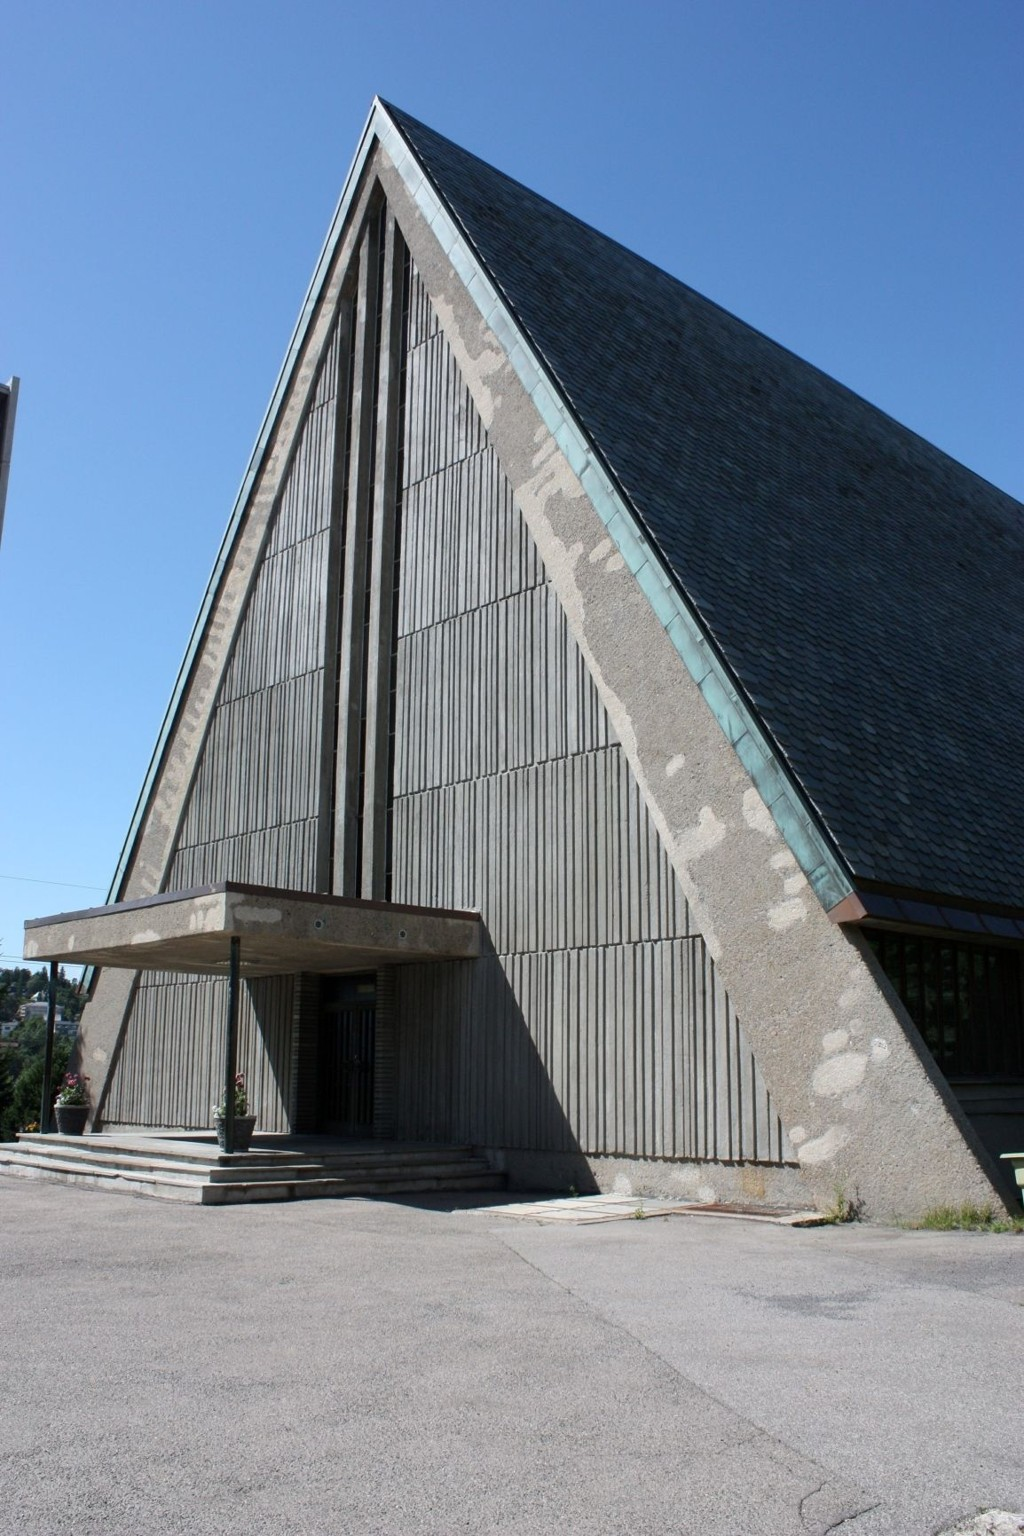 Restaurert: Manglerud kirke ble restaurert i fjor, men fasaden ser ikke helt bra ut.